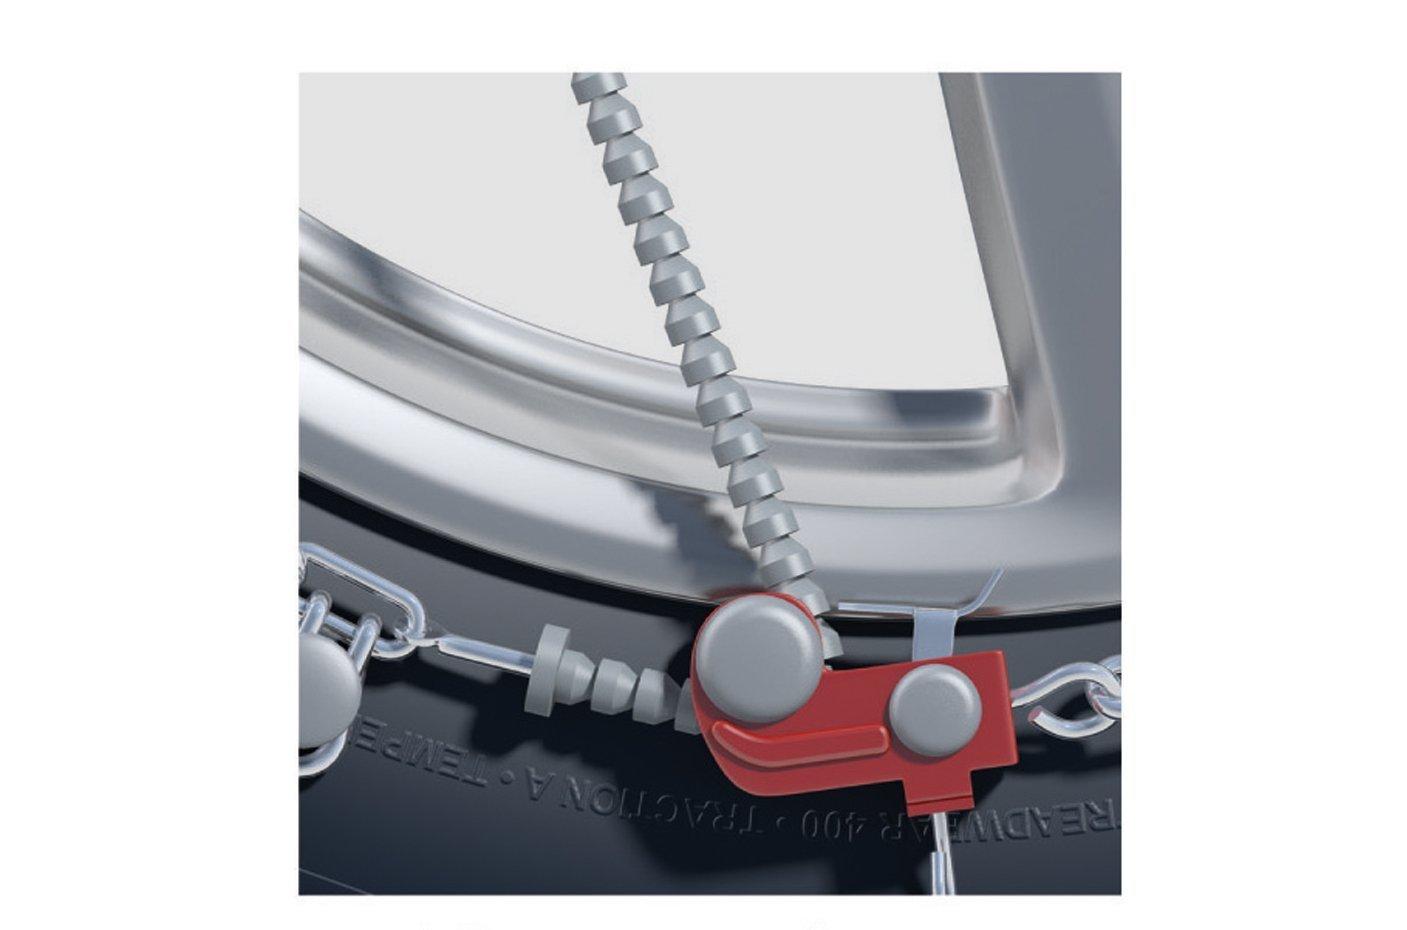 Thule | König Cadenas de nieve - la princesa drige 12 mm cadena de nieve - extremadamente resistente con cadenas de metal duro de stegen a para Mitsubishi ...